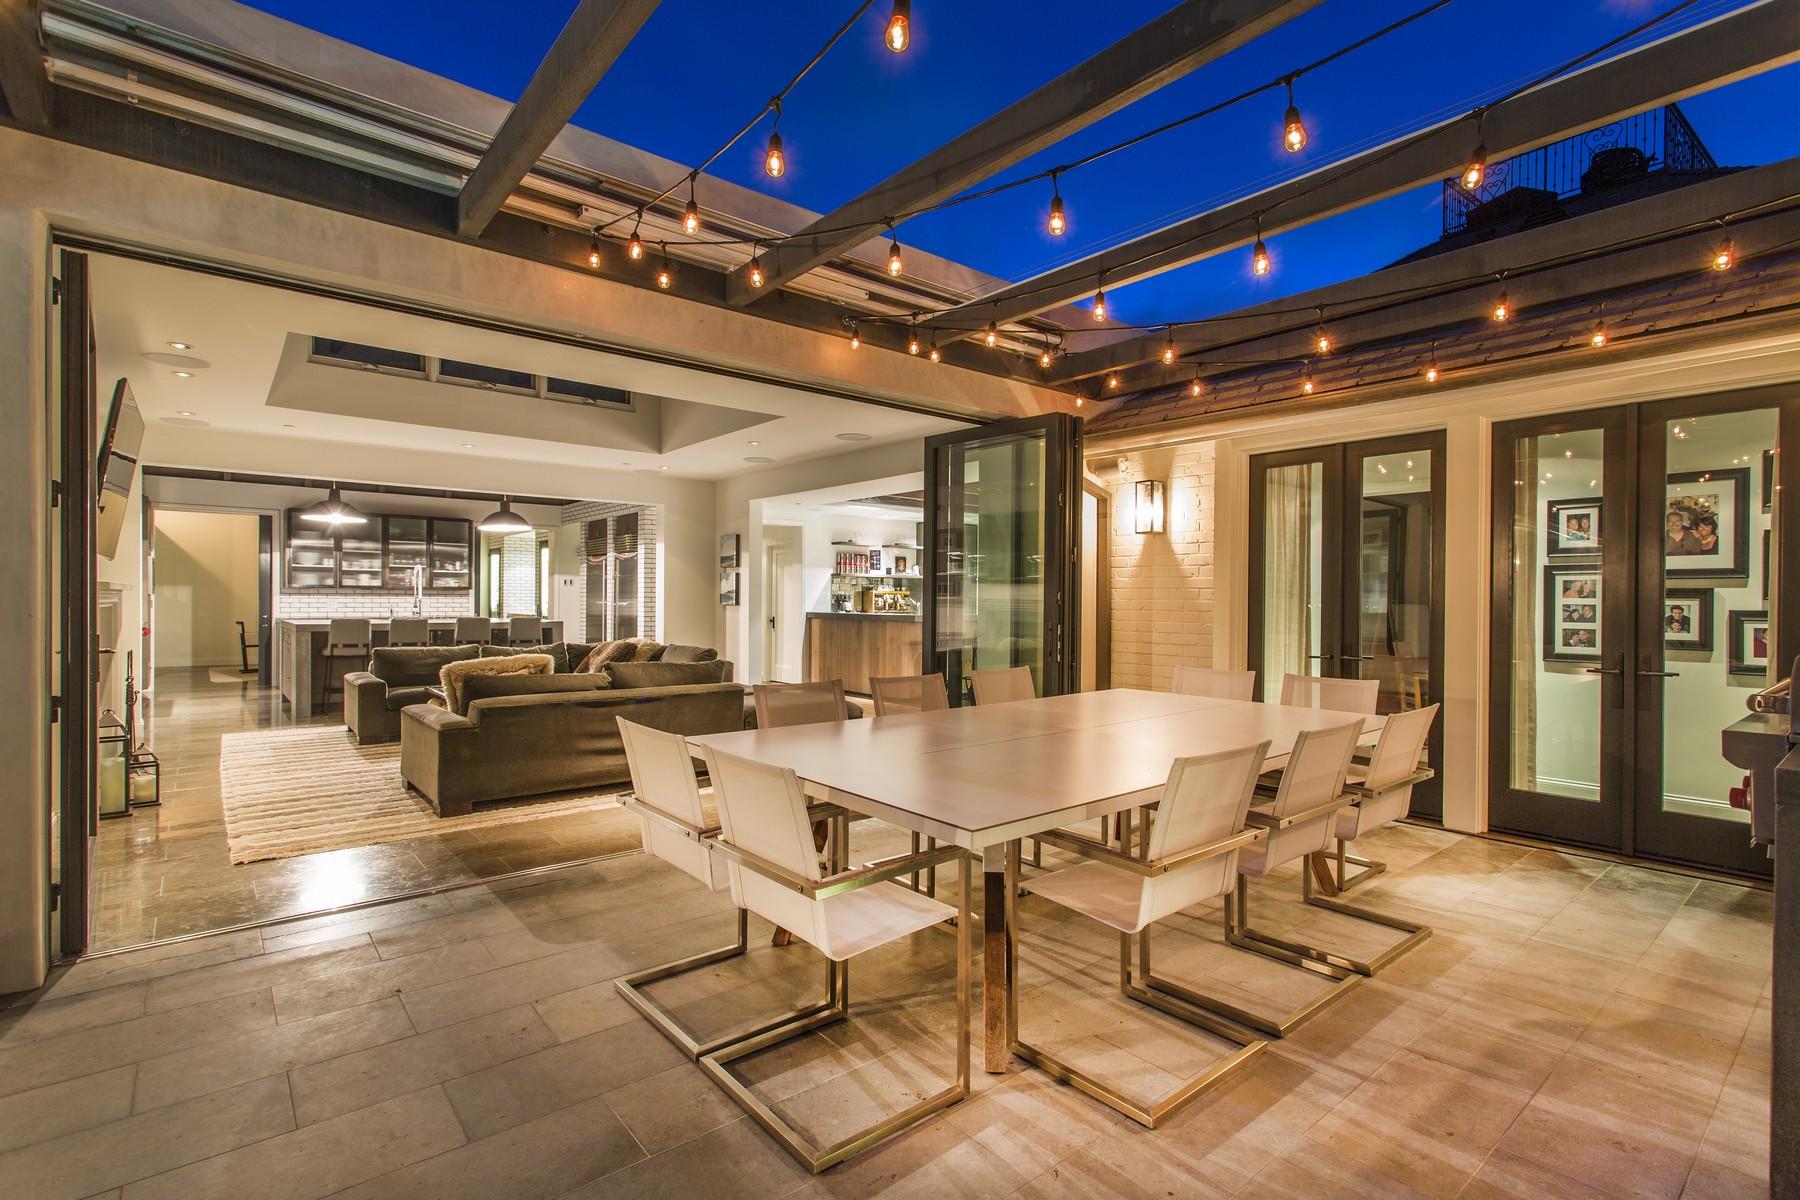 Single Family Home for Sale at 6121 Vista De La Mesa La Jolla, California, 92037 United States